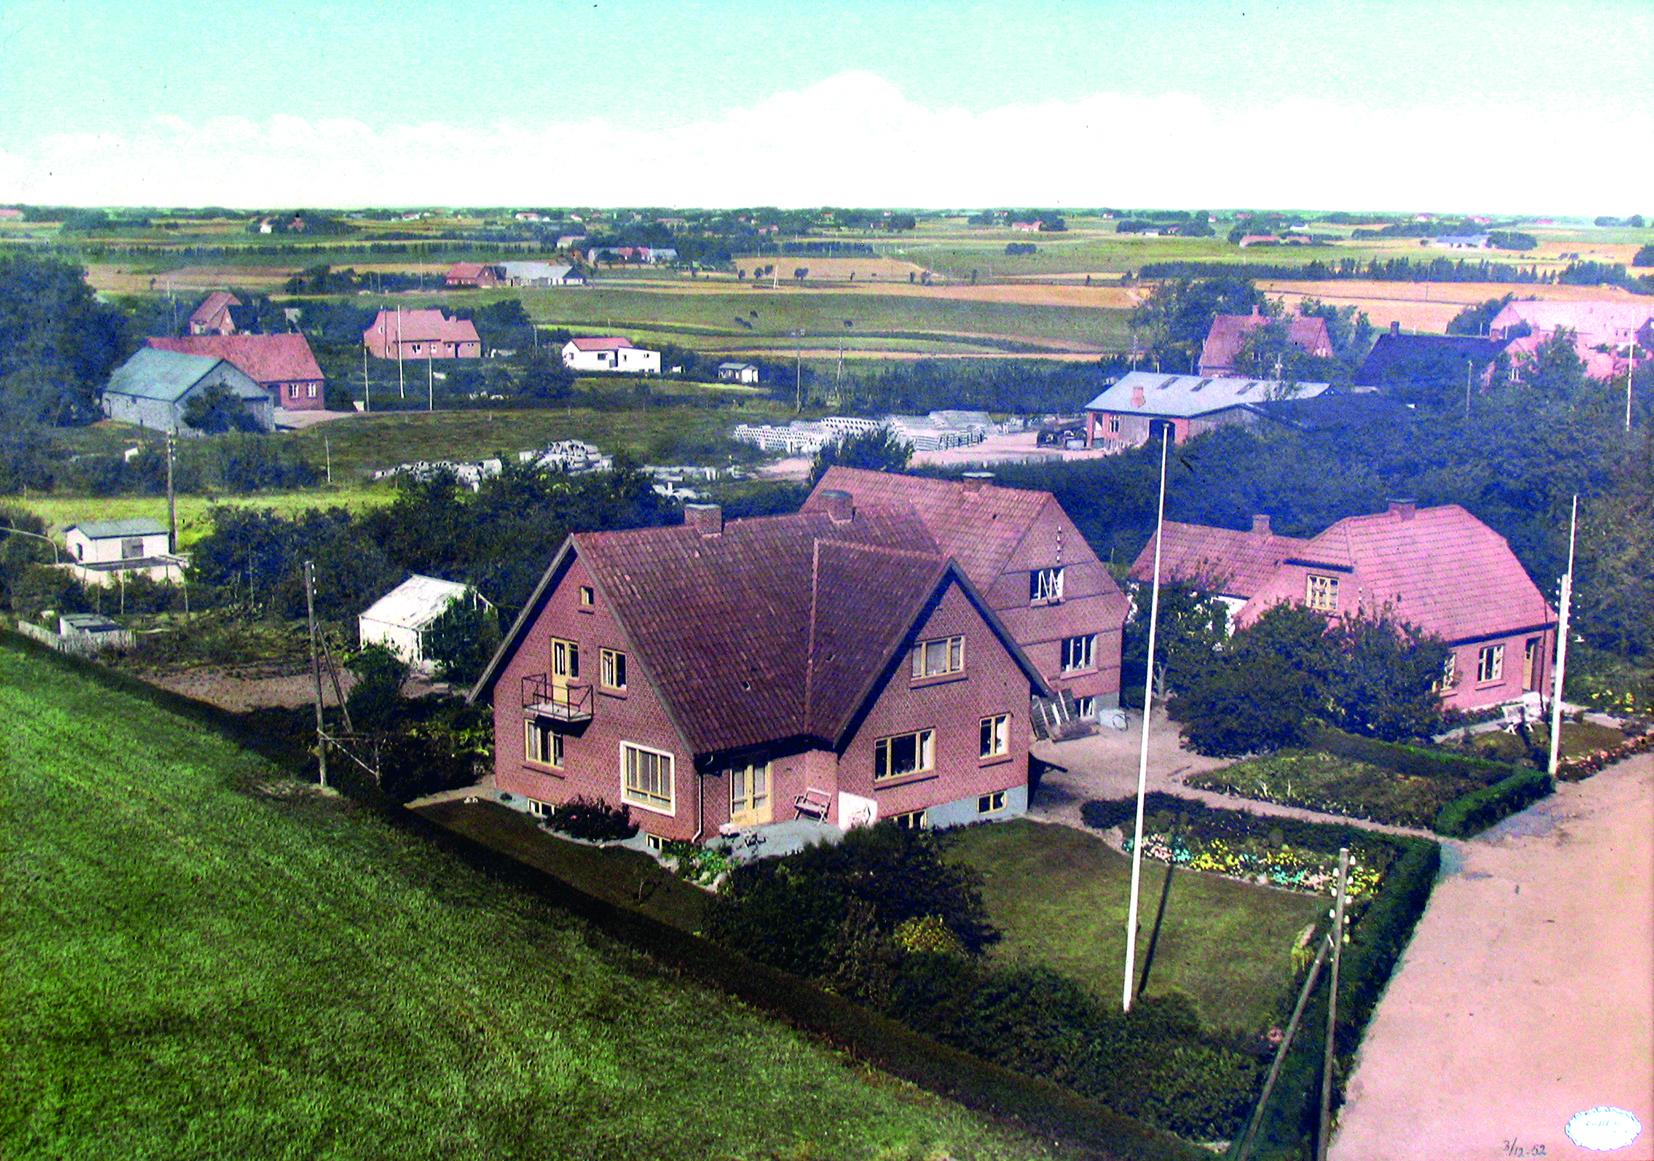 Hoestmarked-Windirspejderne-Home